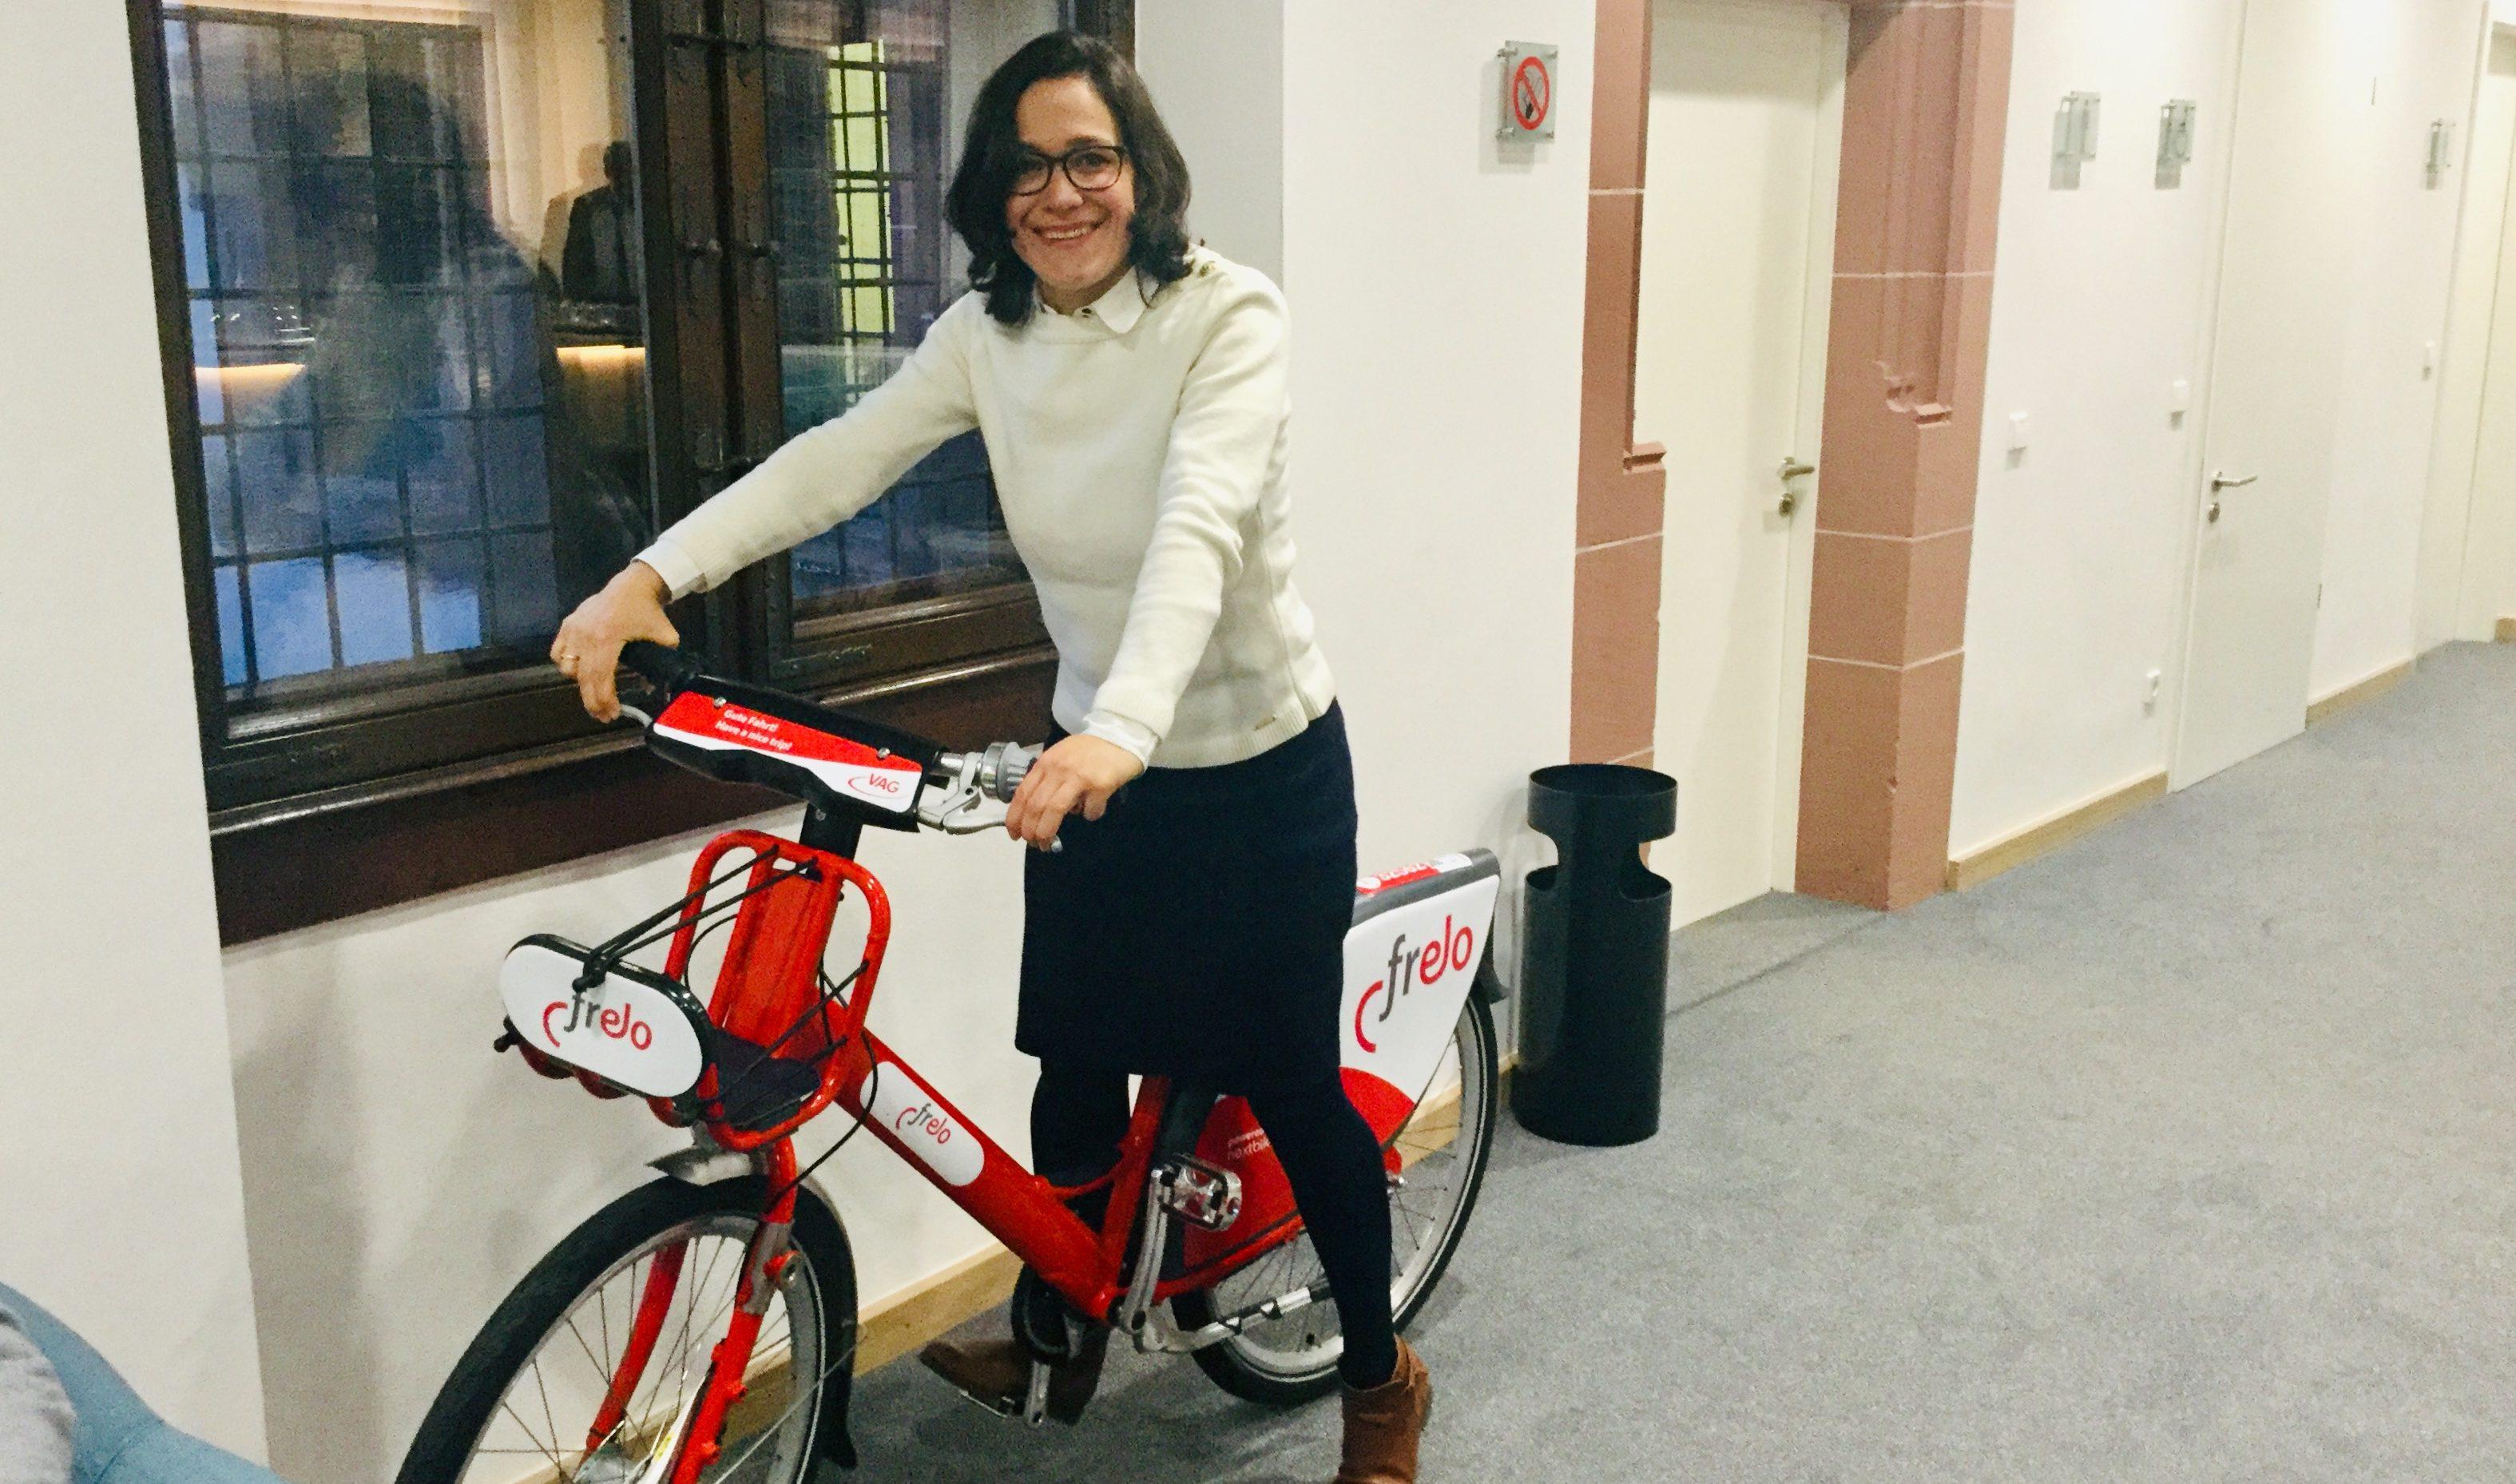 FRELO am Start – Freiburg bekommt endlich Fahrradverleihsystem